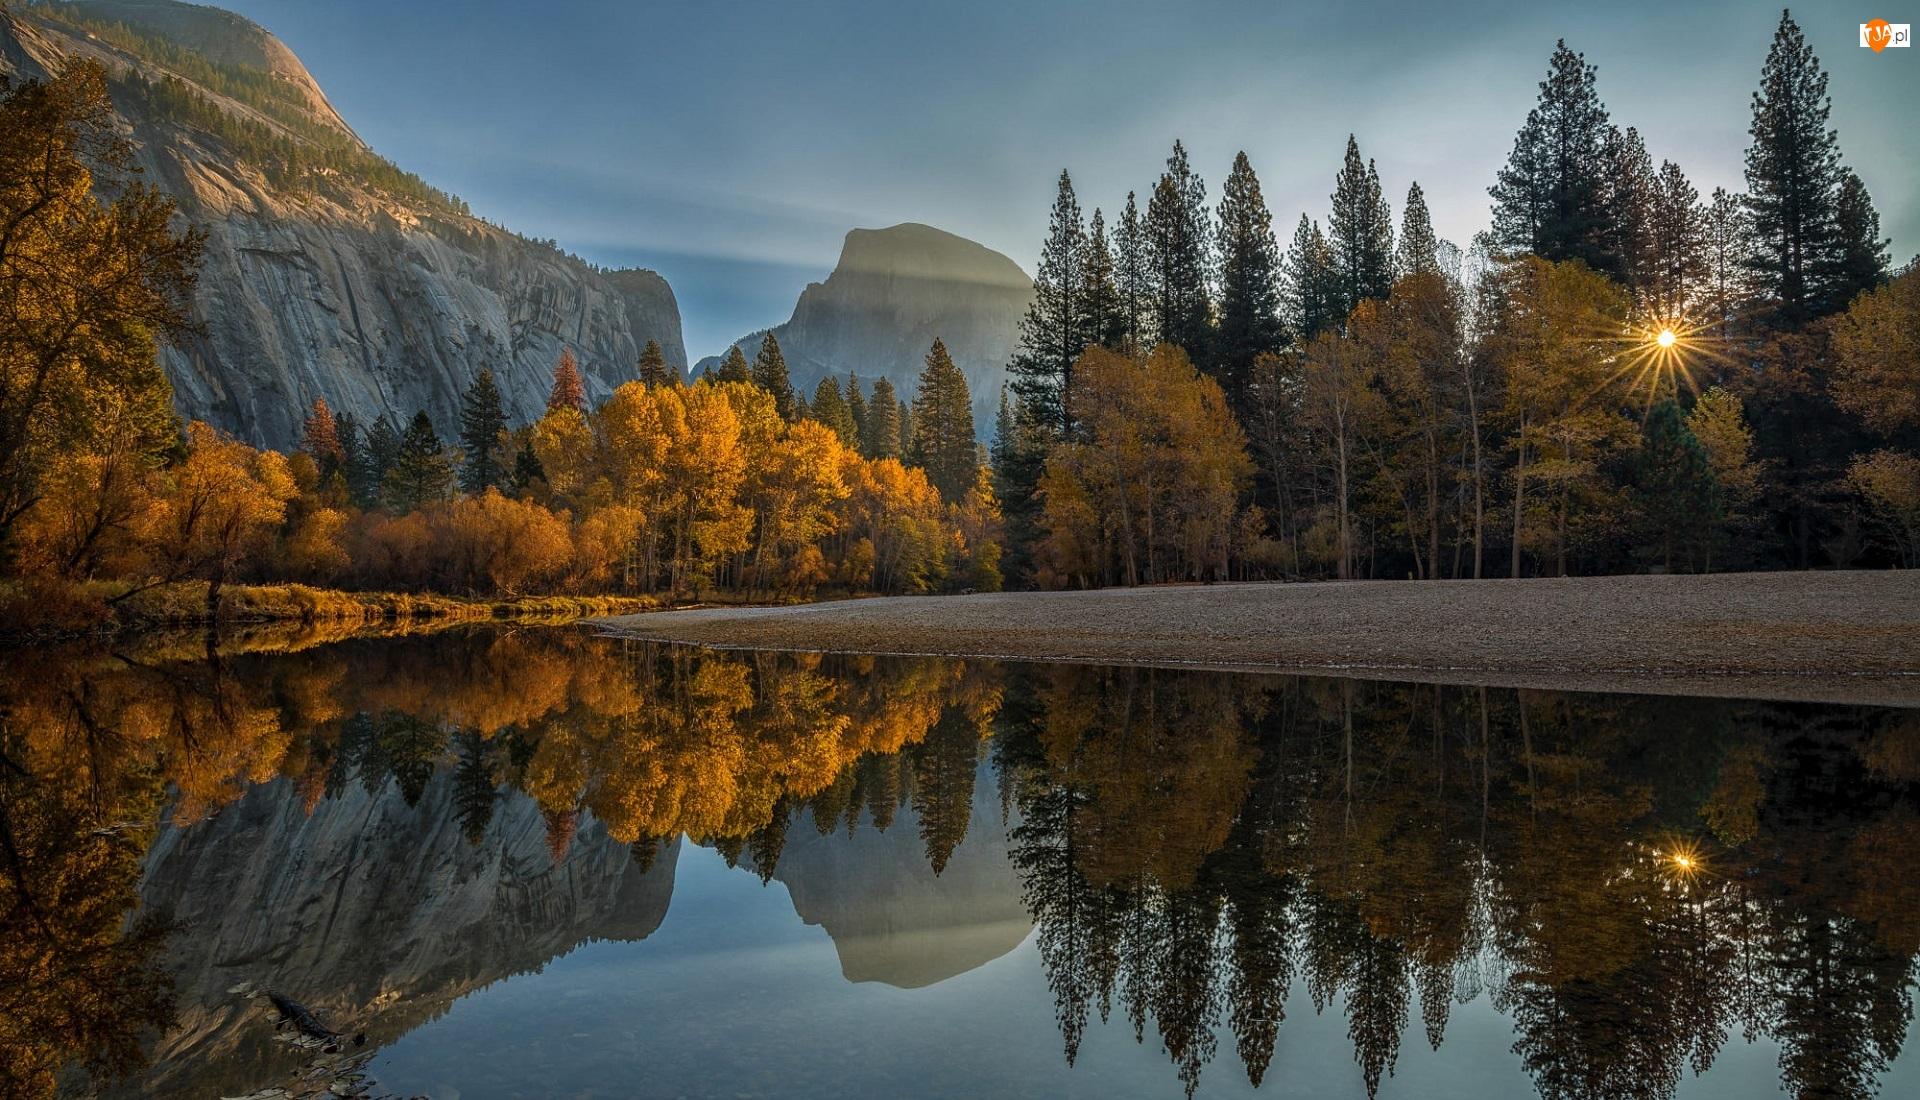 Kamienie, Stany Zjednoczone, Góry Sierra Nevada, Drzewa, Kalifornia, Rzeka Merced, Promienie słońca, Park Narodowy Yosemite